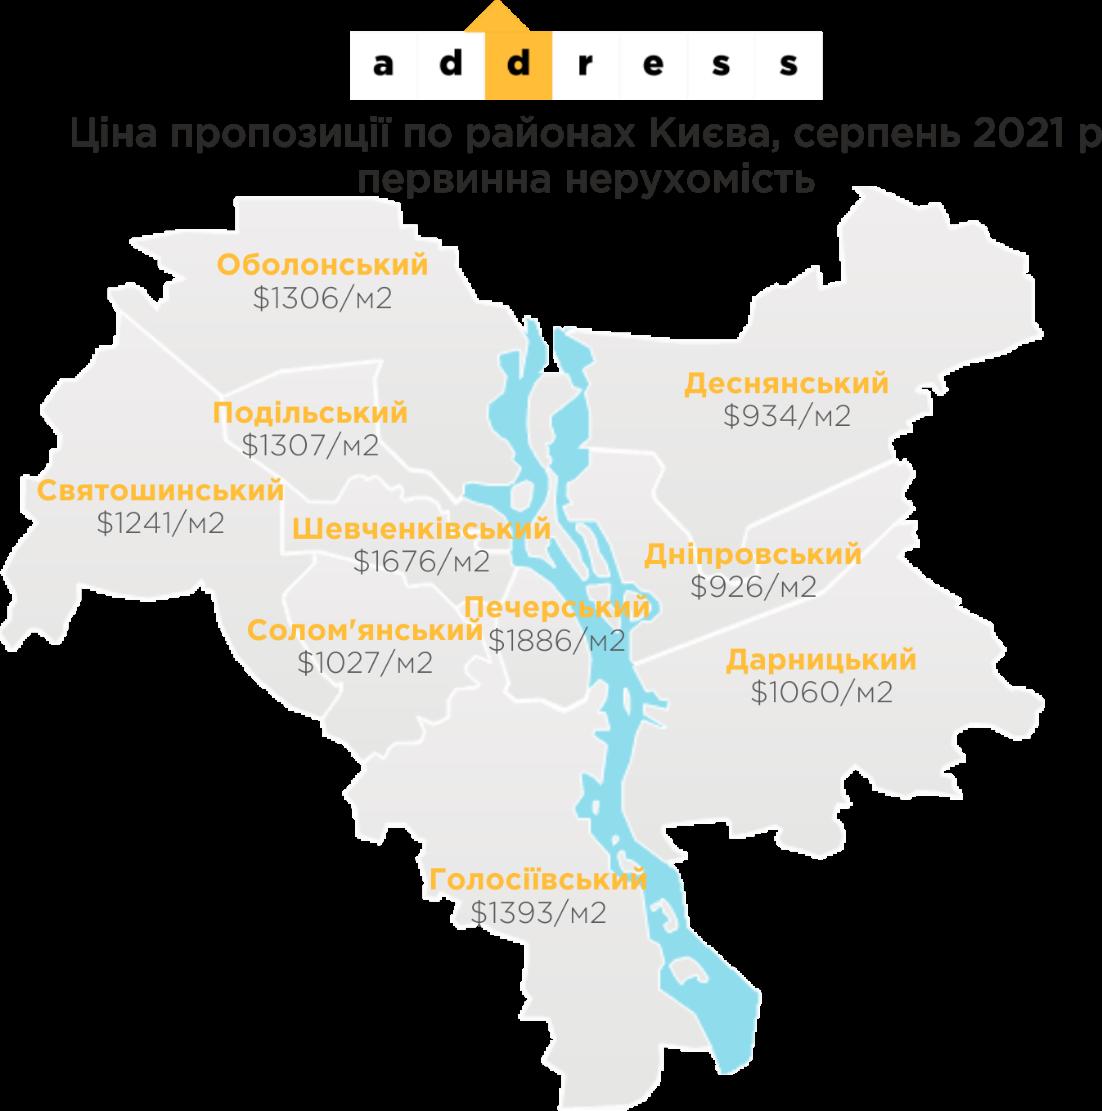 Як розподіляються ціни на нерухомість, в залежності від району Києва